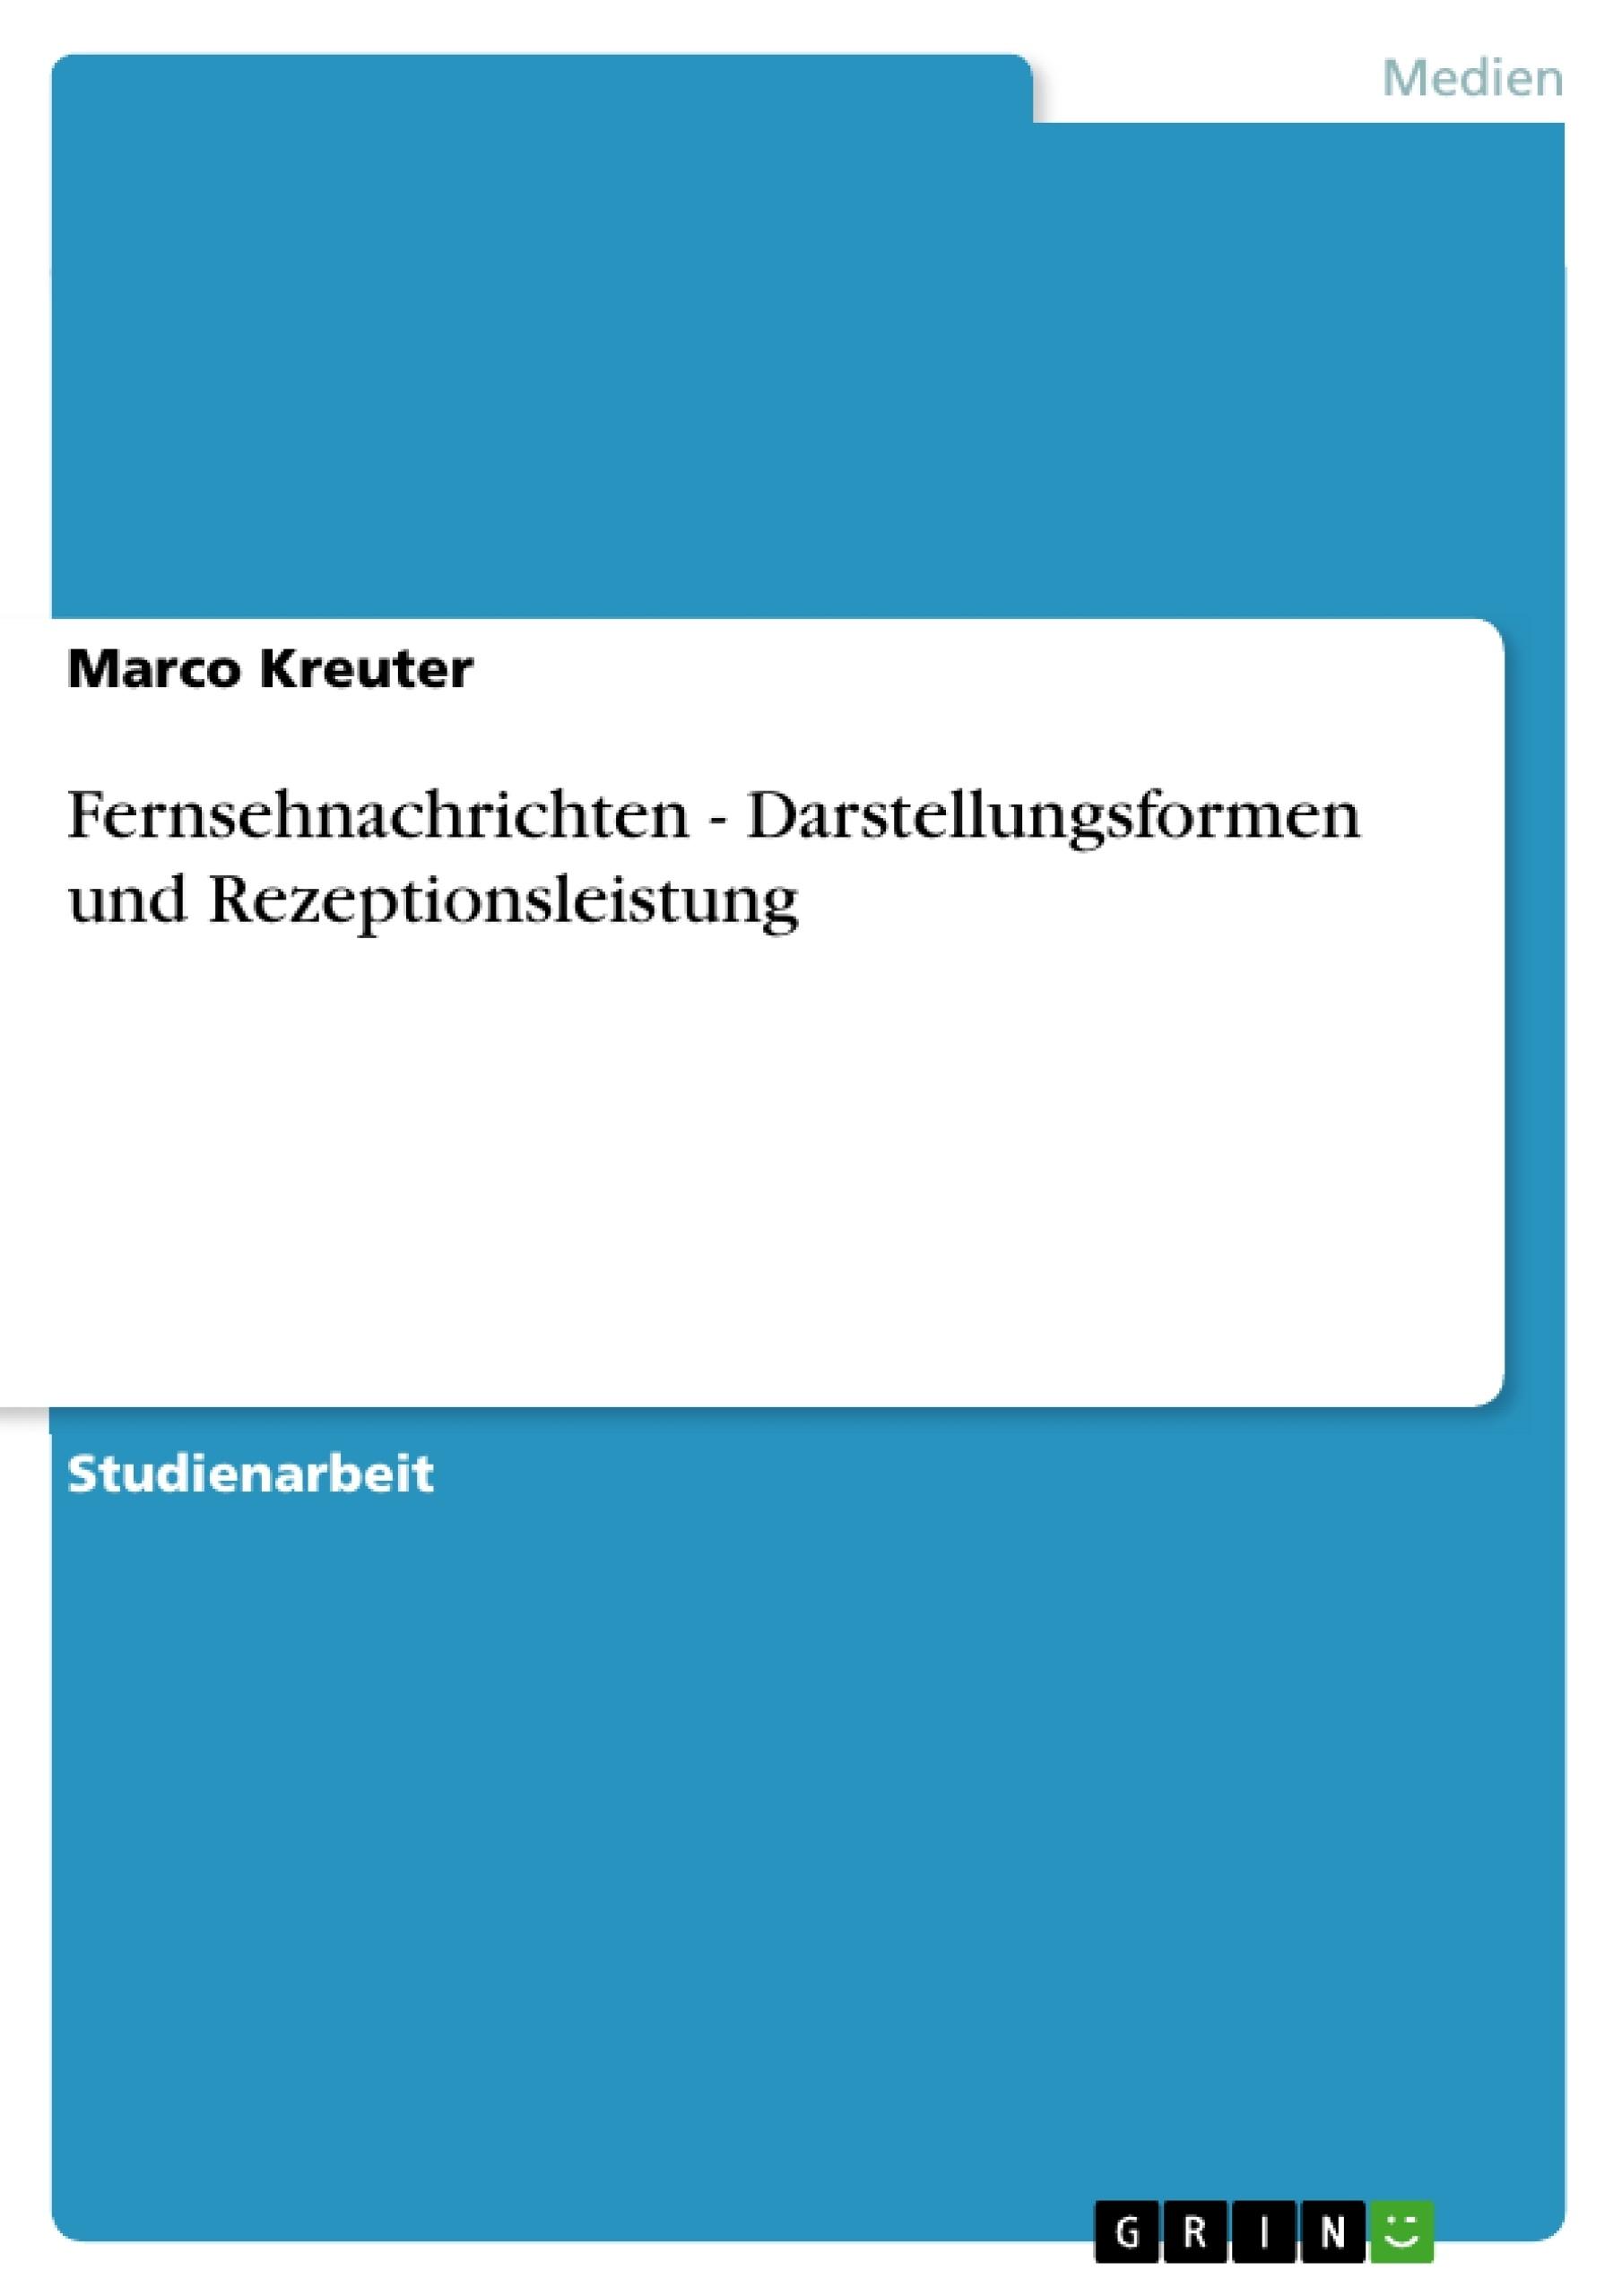 Titel: Fernsehnachrichten - Darstellungsformen und Rezeptionsleistung